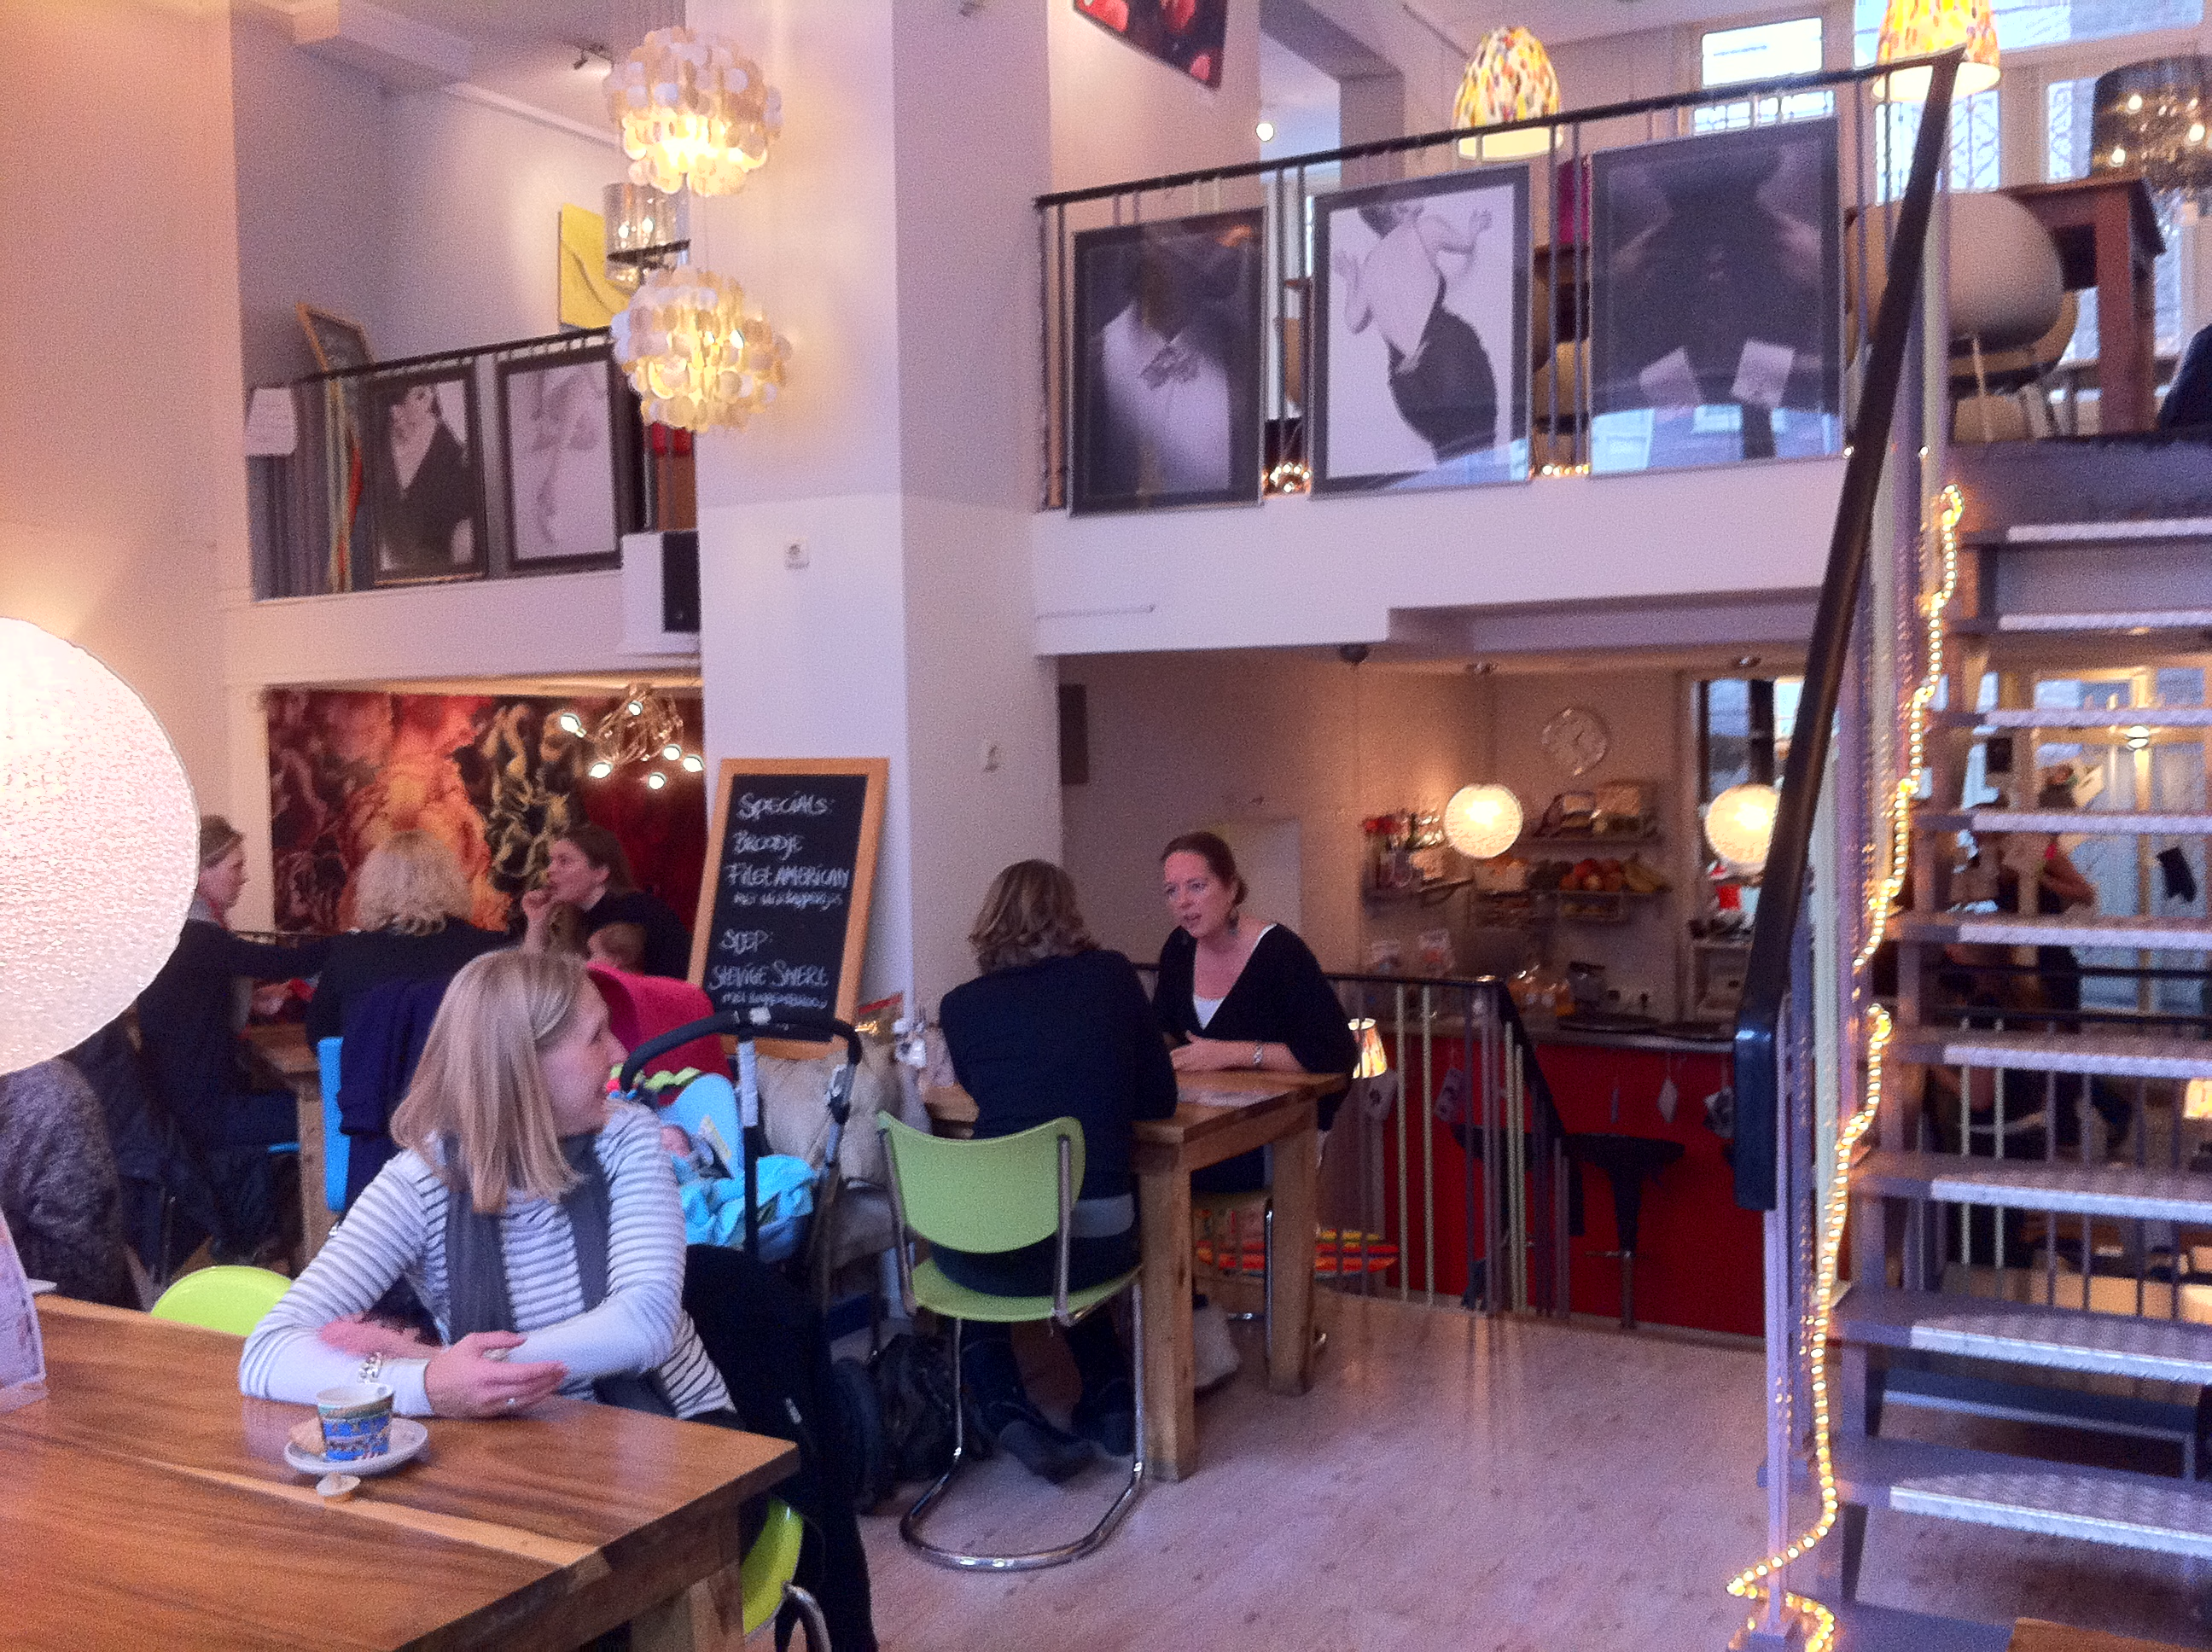 Best Restaurant Interieur Te Koop fotos - Tips - Ideeën & Inspiratie ...